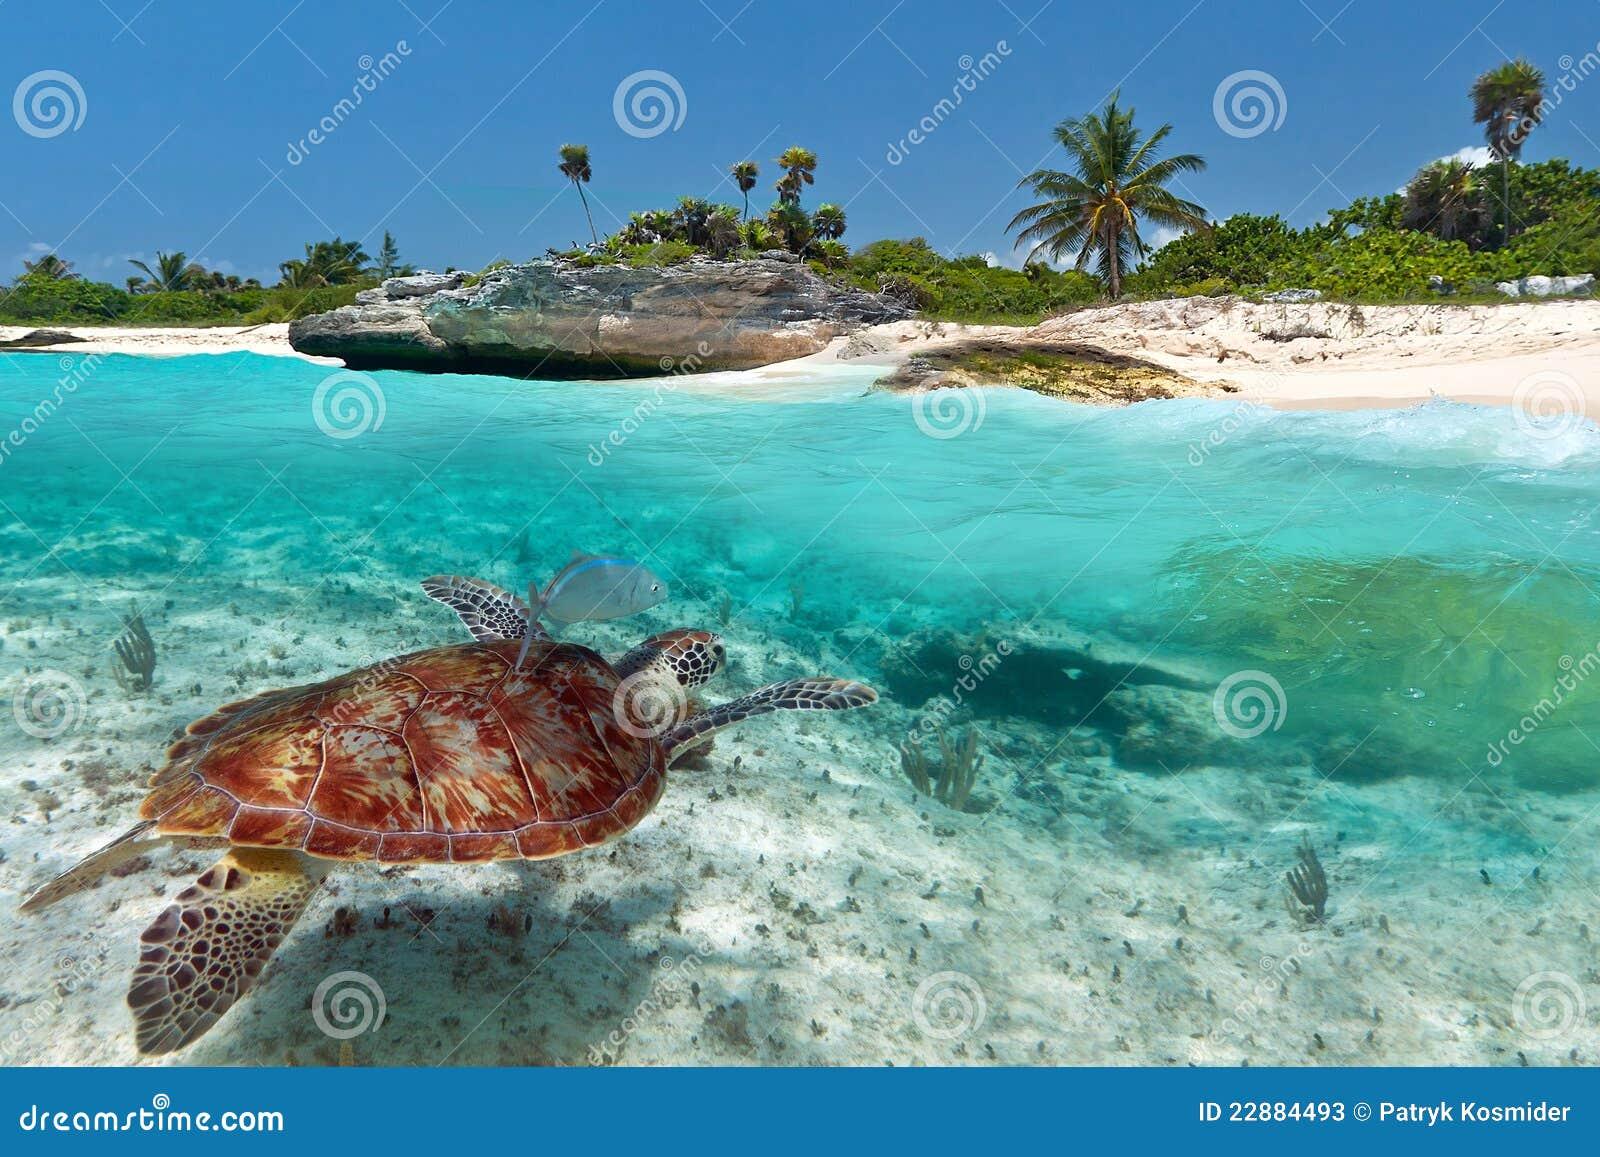 Tortue de mer verte près de plage des Caraïbes